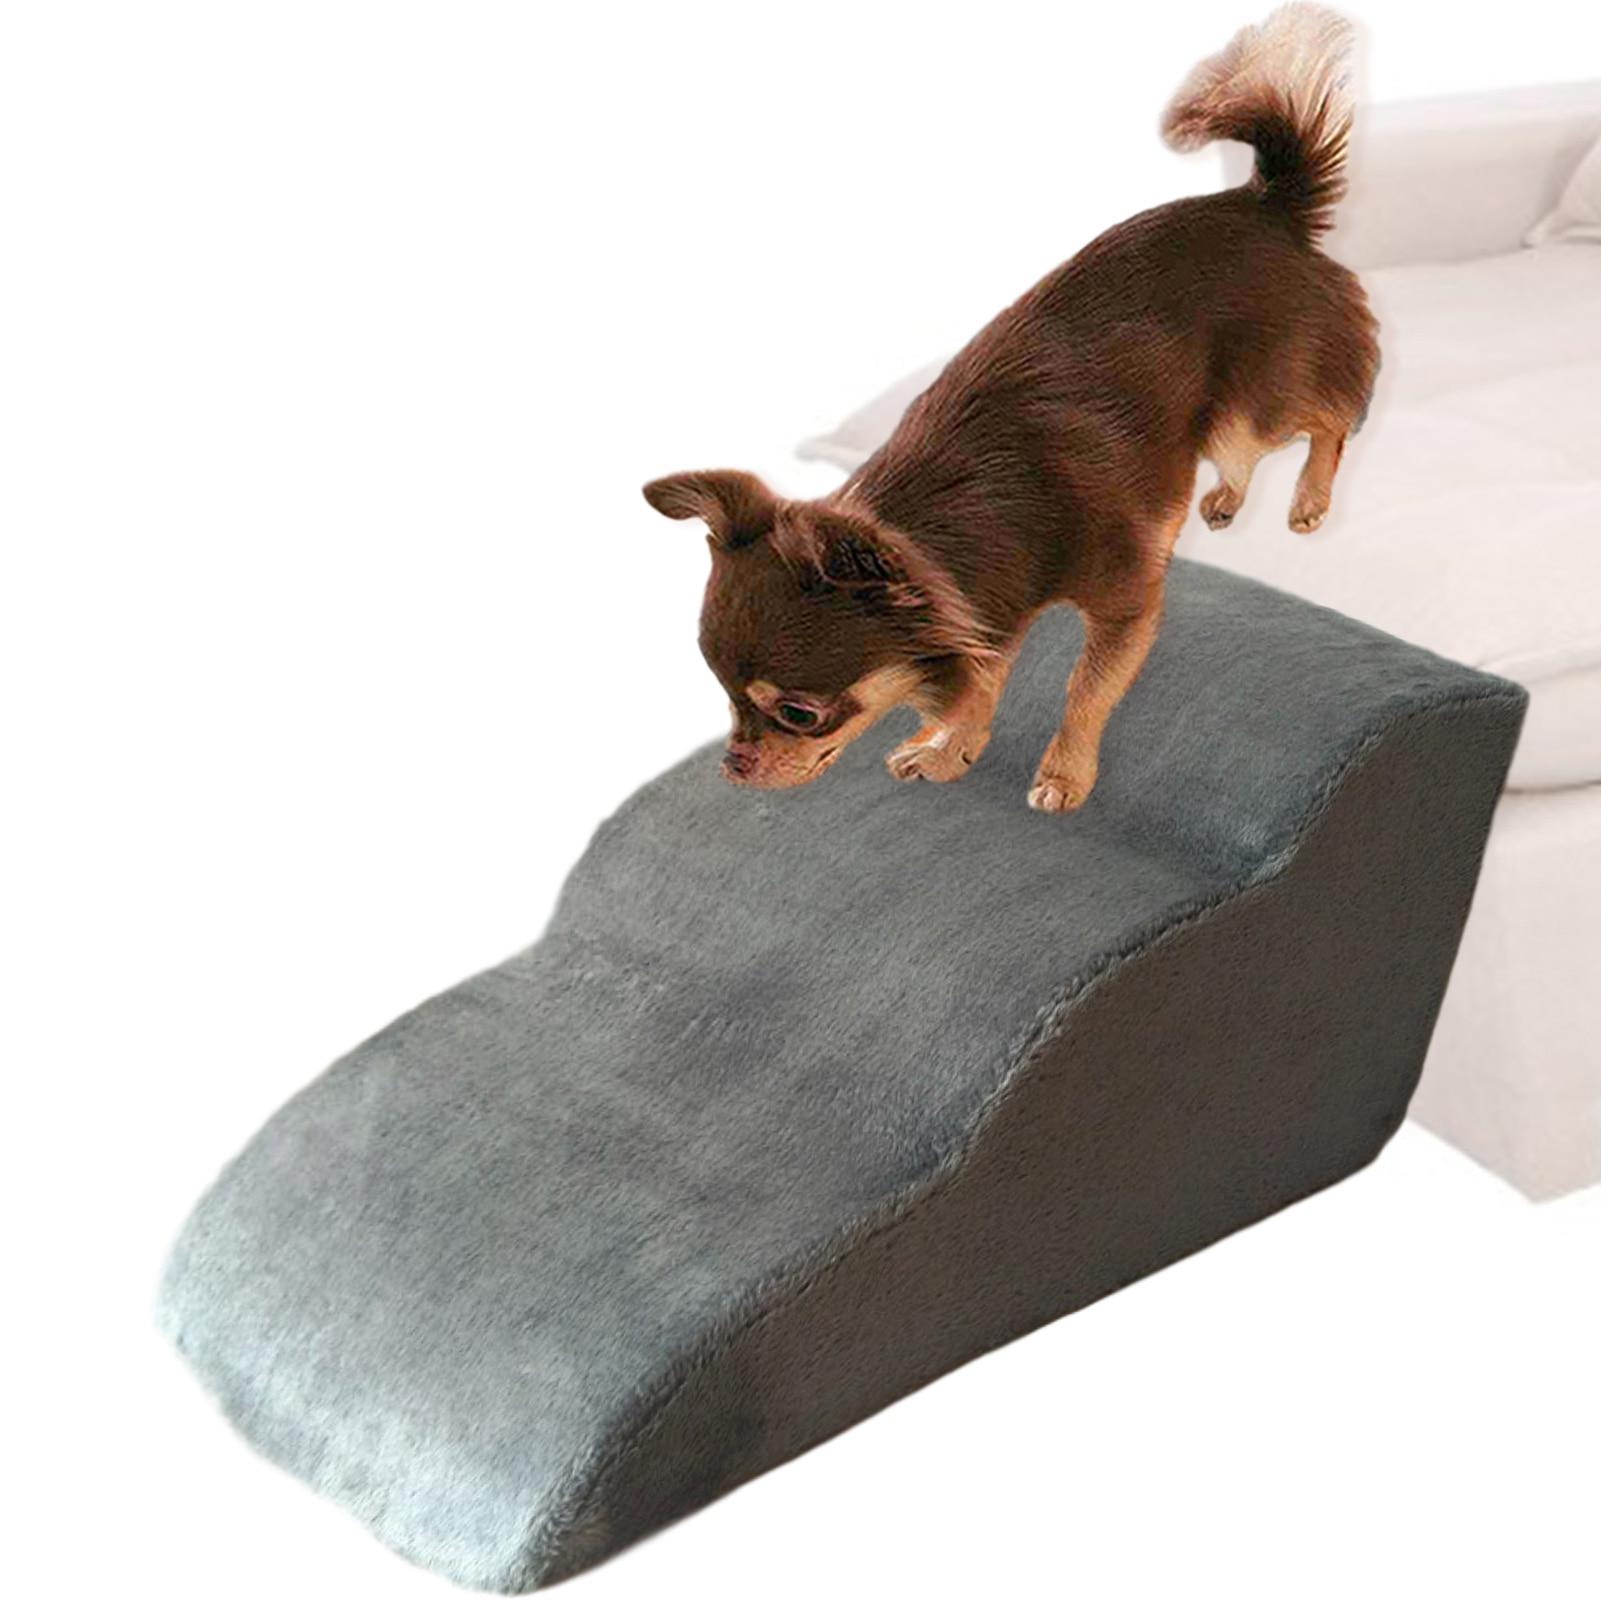 1 、 Escadas para animais de estimação: ajude os animais de estimação a se moverem facilmente para cima e para baixo em camas altas, sofás e outros lugares. Ajudar cães ou pequenos animais de estimação a se deslocarem de um lugar para outro, pode ser usado por muito tempo. 2 、 Proteja as articulações e os joelhos do cão: ajude o seu cão a andar com firmeza, muito adequado para cachorros ou cães com artrite e doenças nos joelhos. 3 、 Material macio: pano de escada de cachorro capa de flanela macia, esponja interna de alta resiliência respirável, confortável e não é fácil de deformar. 4 、 Fácil de limpar: O casaco da escada pode ser completamente retirado e lavado. 5 、 Escadas de tamanho grande: cerca de 60 * 40 * 30 cm / 23,62 * 15,75 * 11,81 polegadas, grande o suficiente para treinar cães para subir e descer escadas.